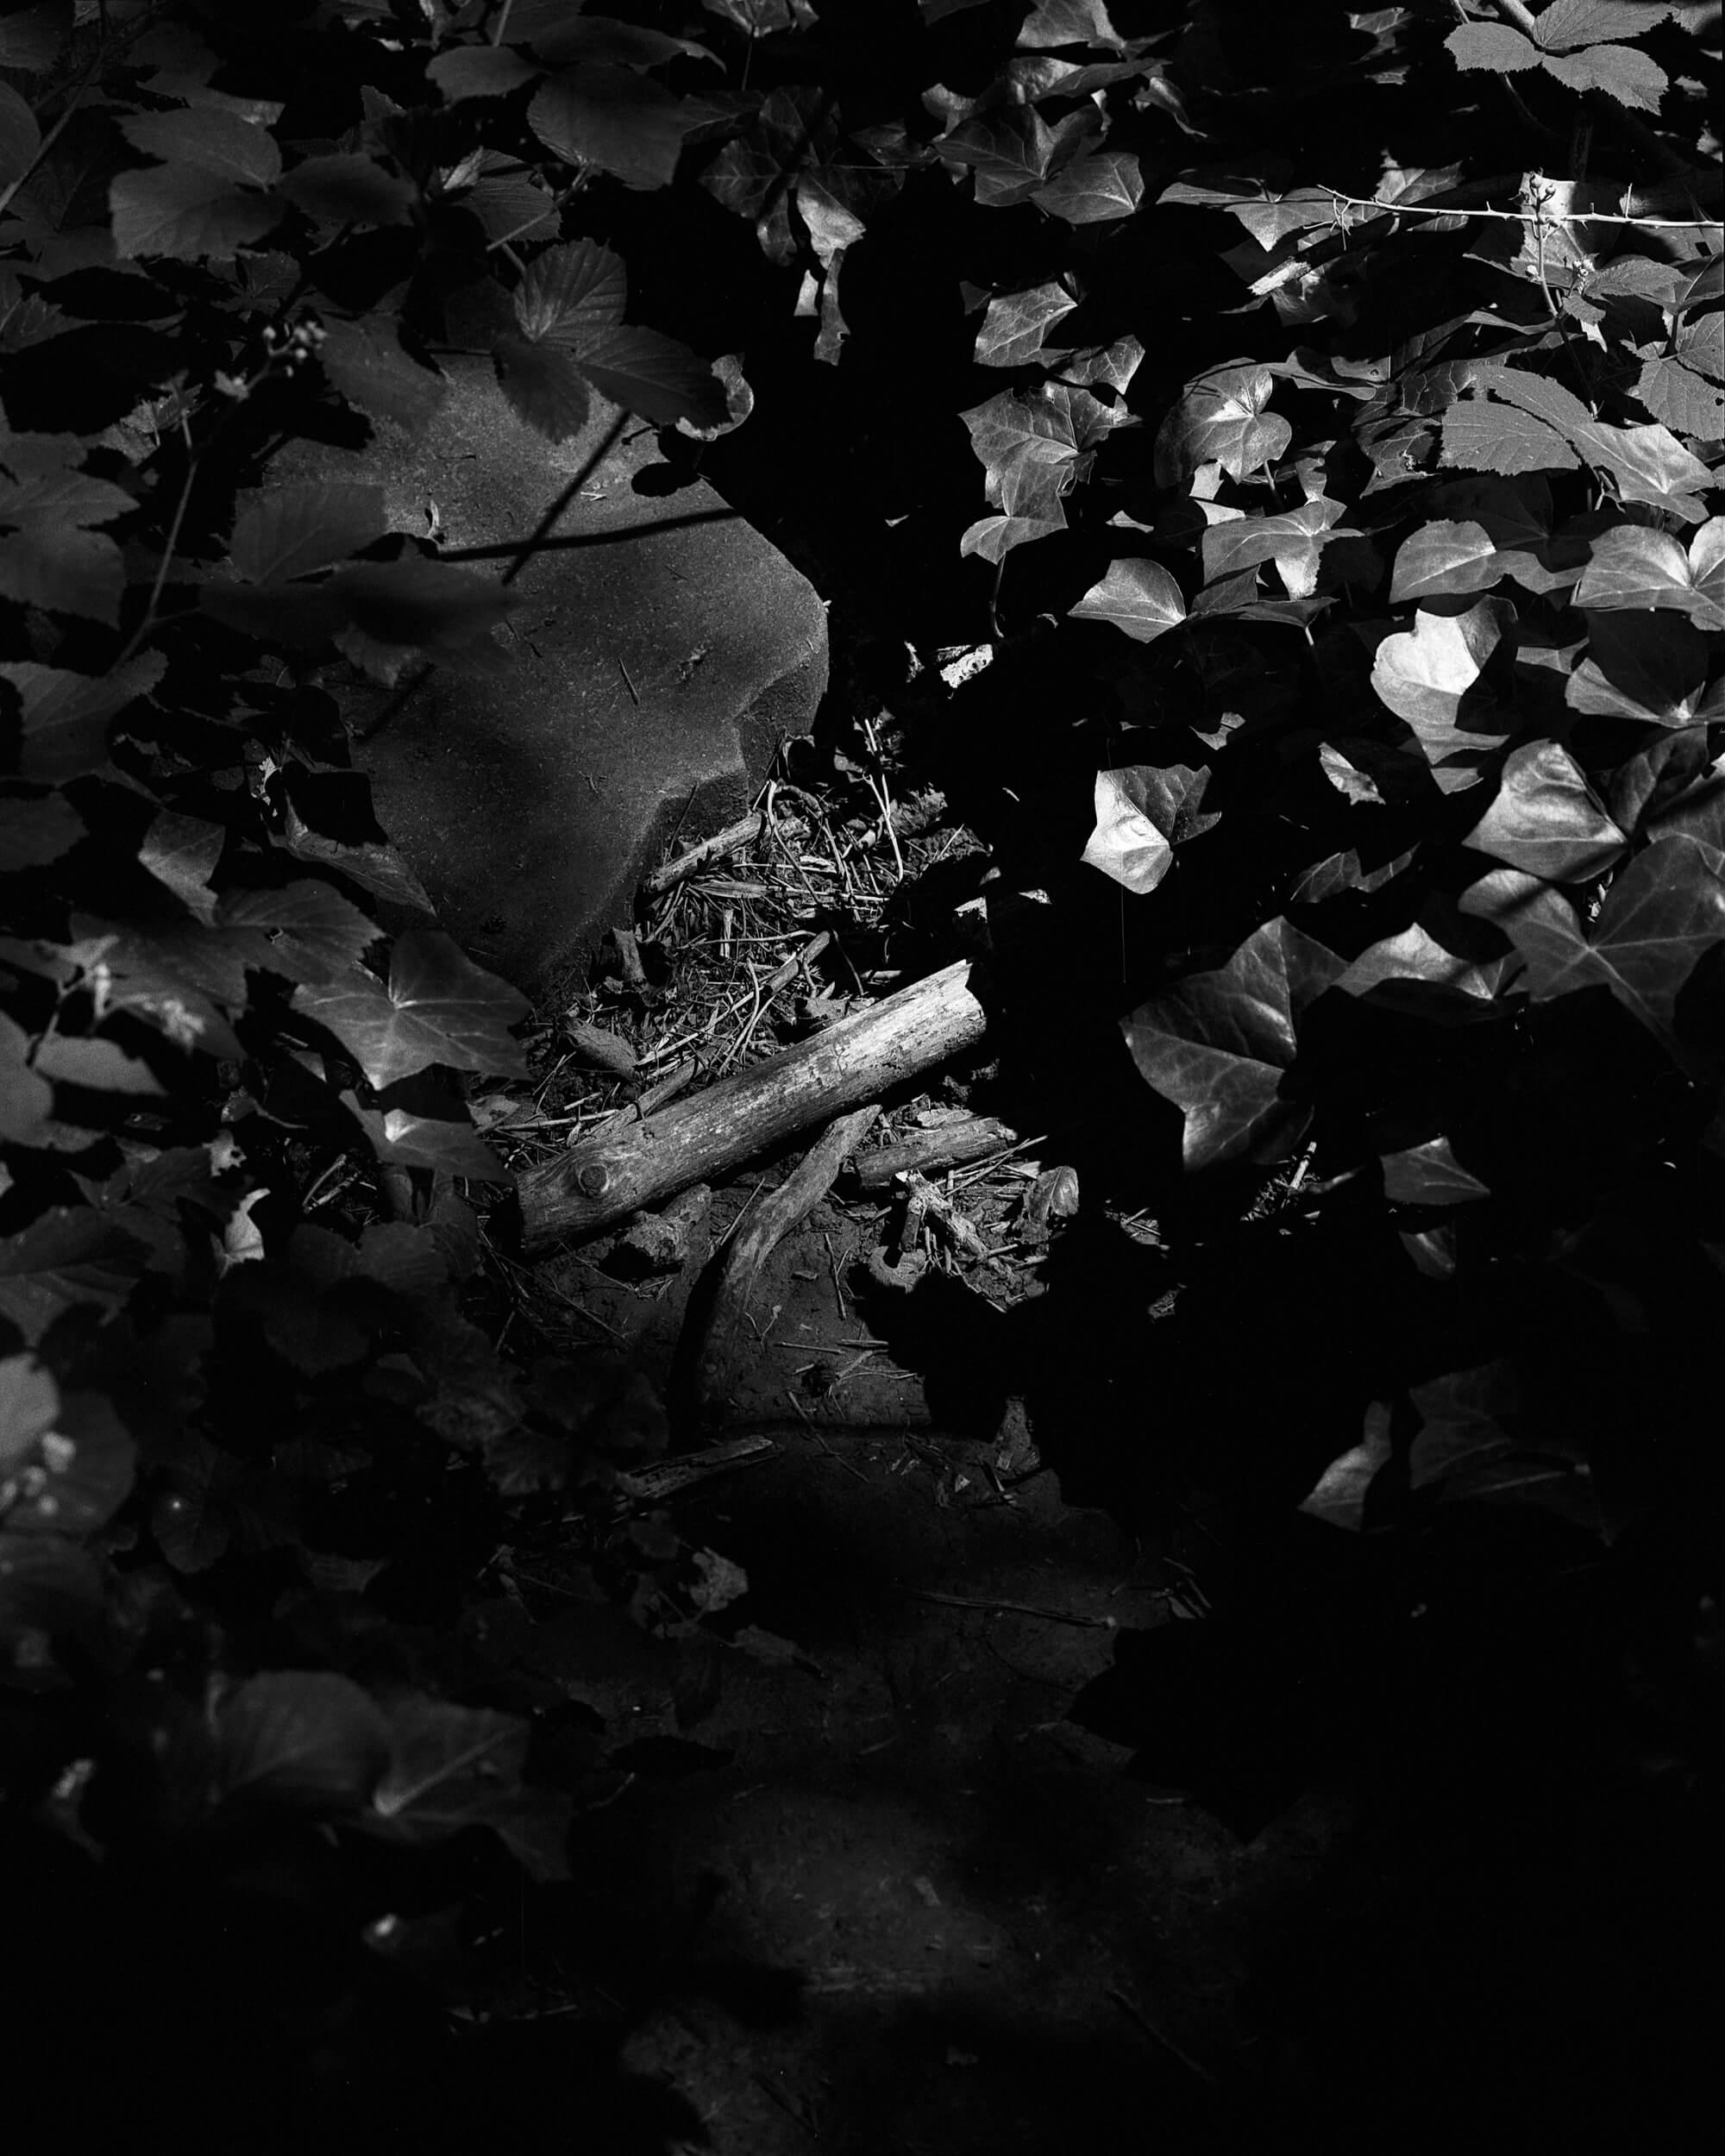 Darkness-At-Noon-11.jpg